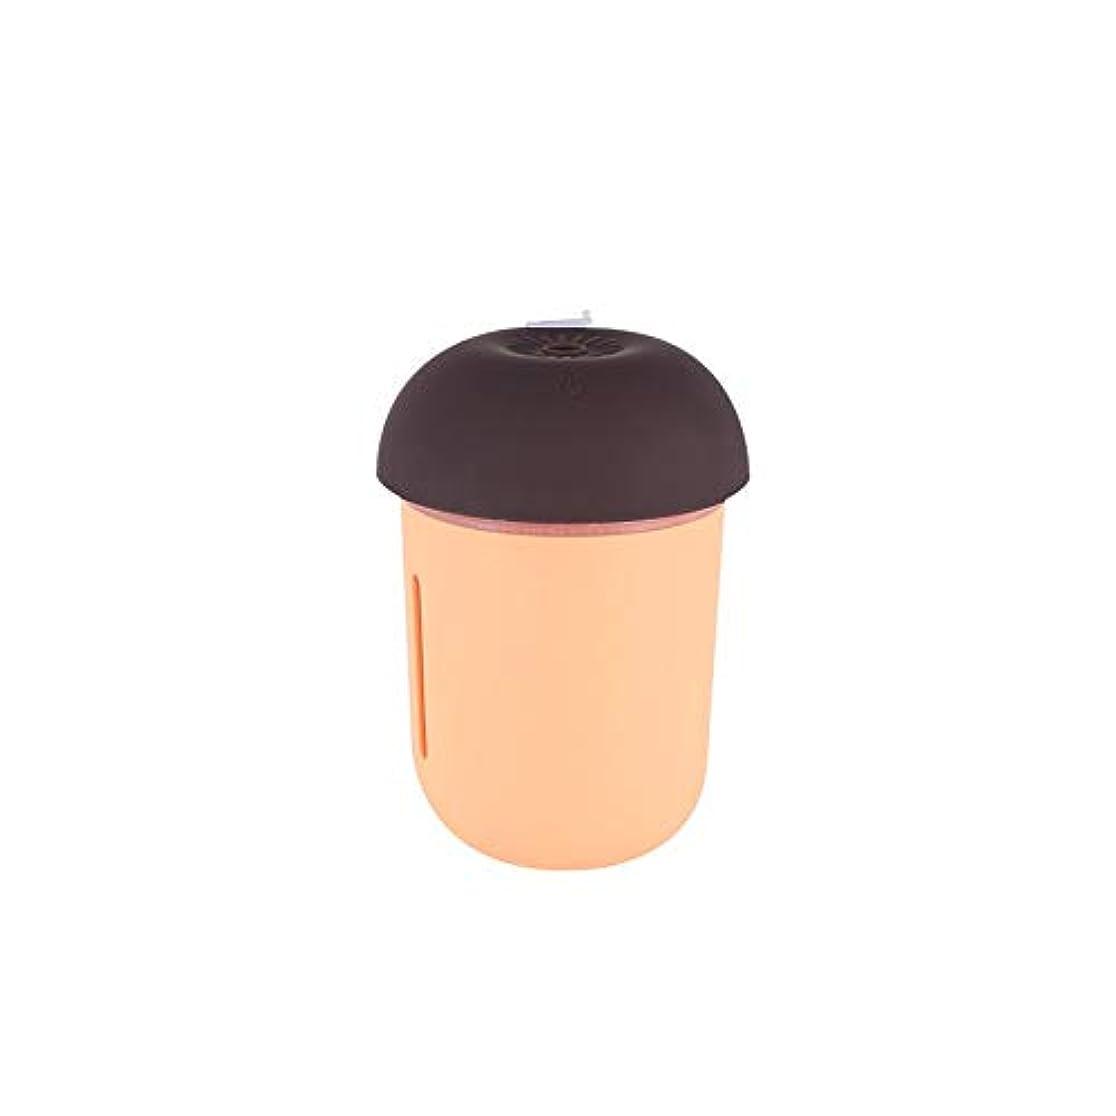 薬を飲むシャンプー生き残りますZXF 新しいクリエイティブusb充電車の空気清浄機多機能水道メーターファンナイトライトスリーインワンきのこ加湿器オレンジピンク 滑らかである (色 : Orange)